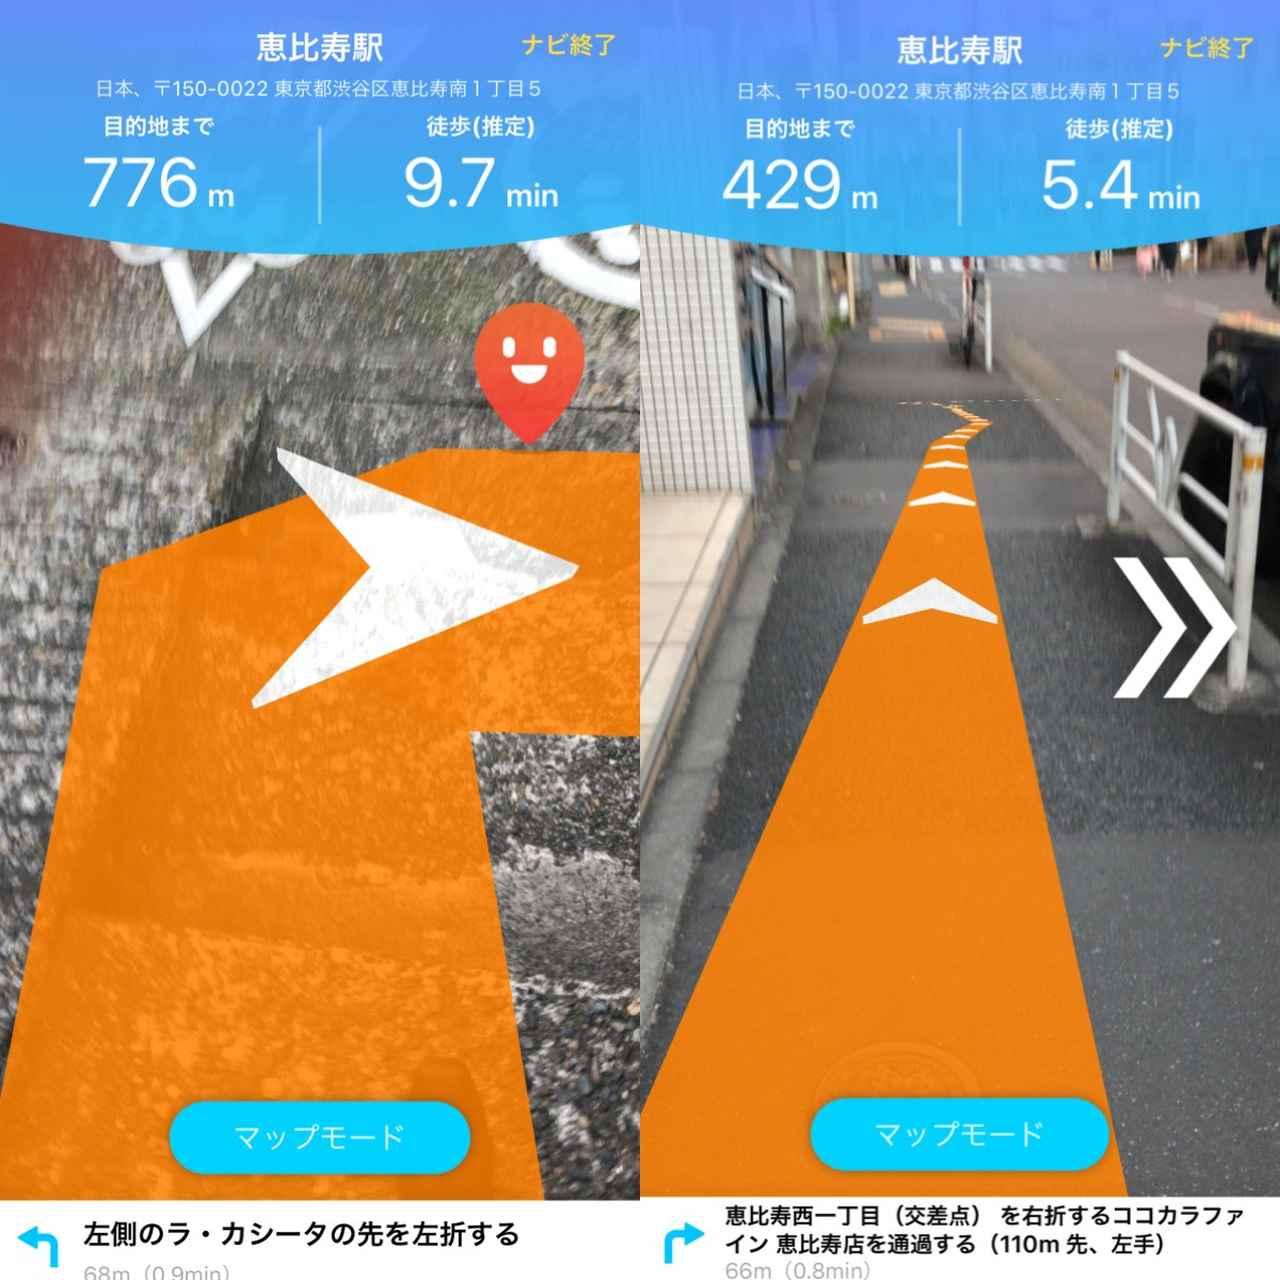 画像4: 実際に代官山のよく知らない場所から恵比寿駅まで行ってみました。